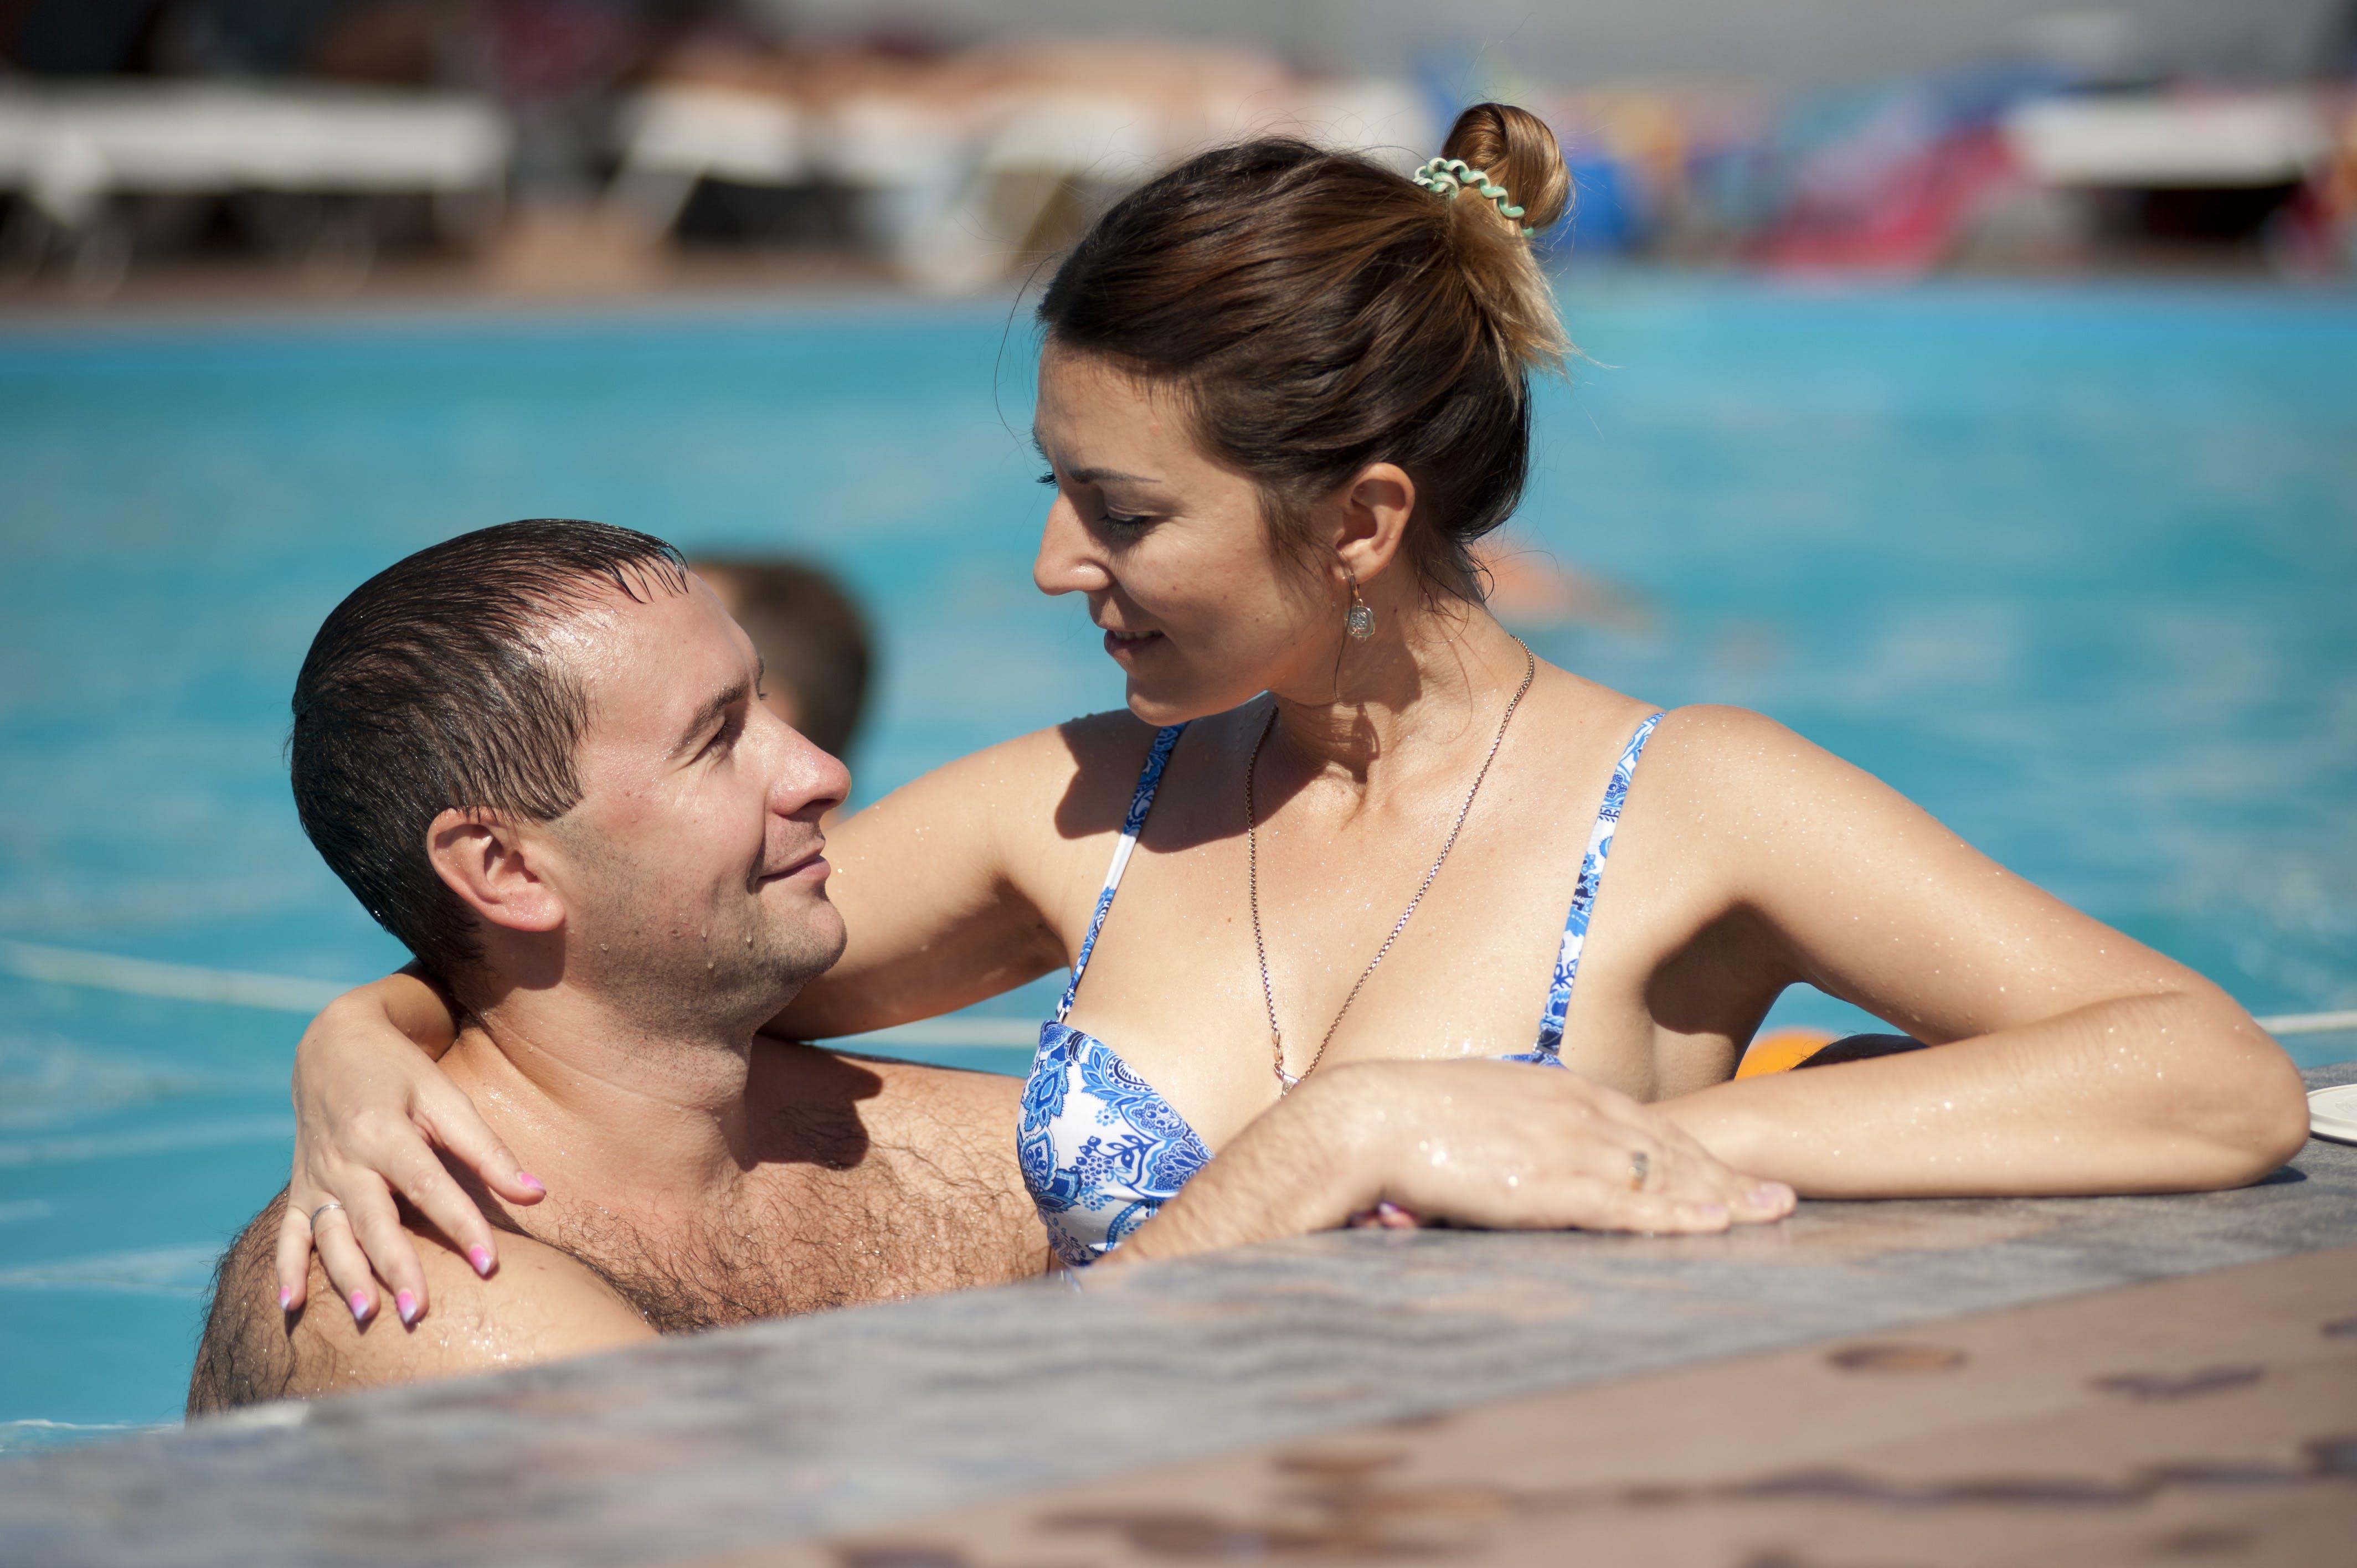 Woman in Blue Bikini Top Hugging Topless Man